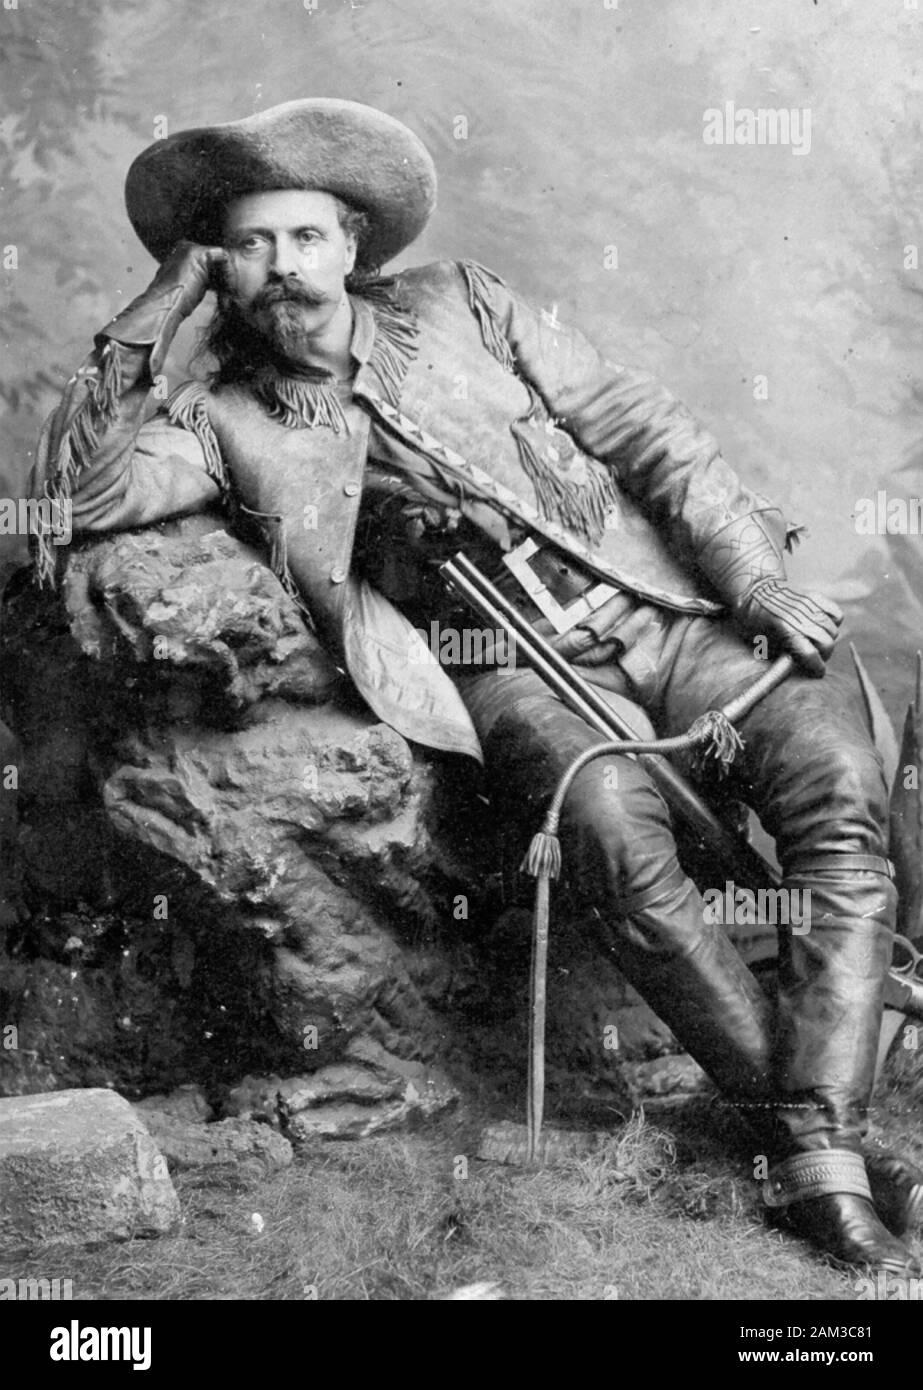 BUFFALO BILL - William Cody - (1846-1917) amerikanischer Soldat und showman  Stockfotografie - Alamy